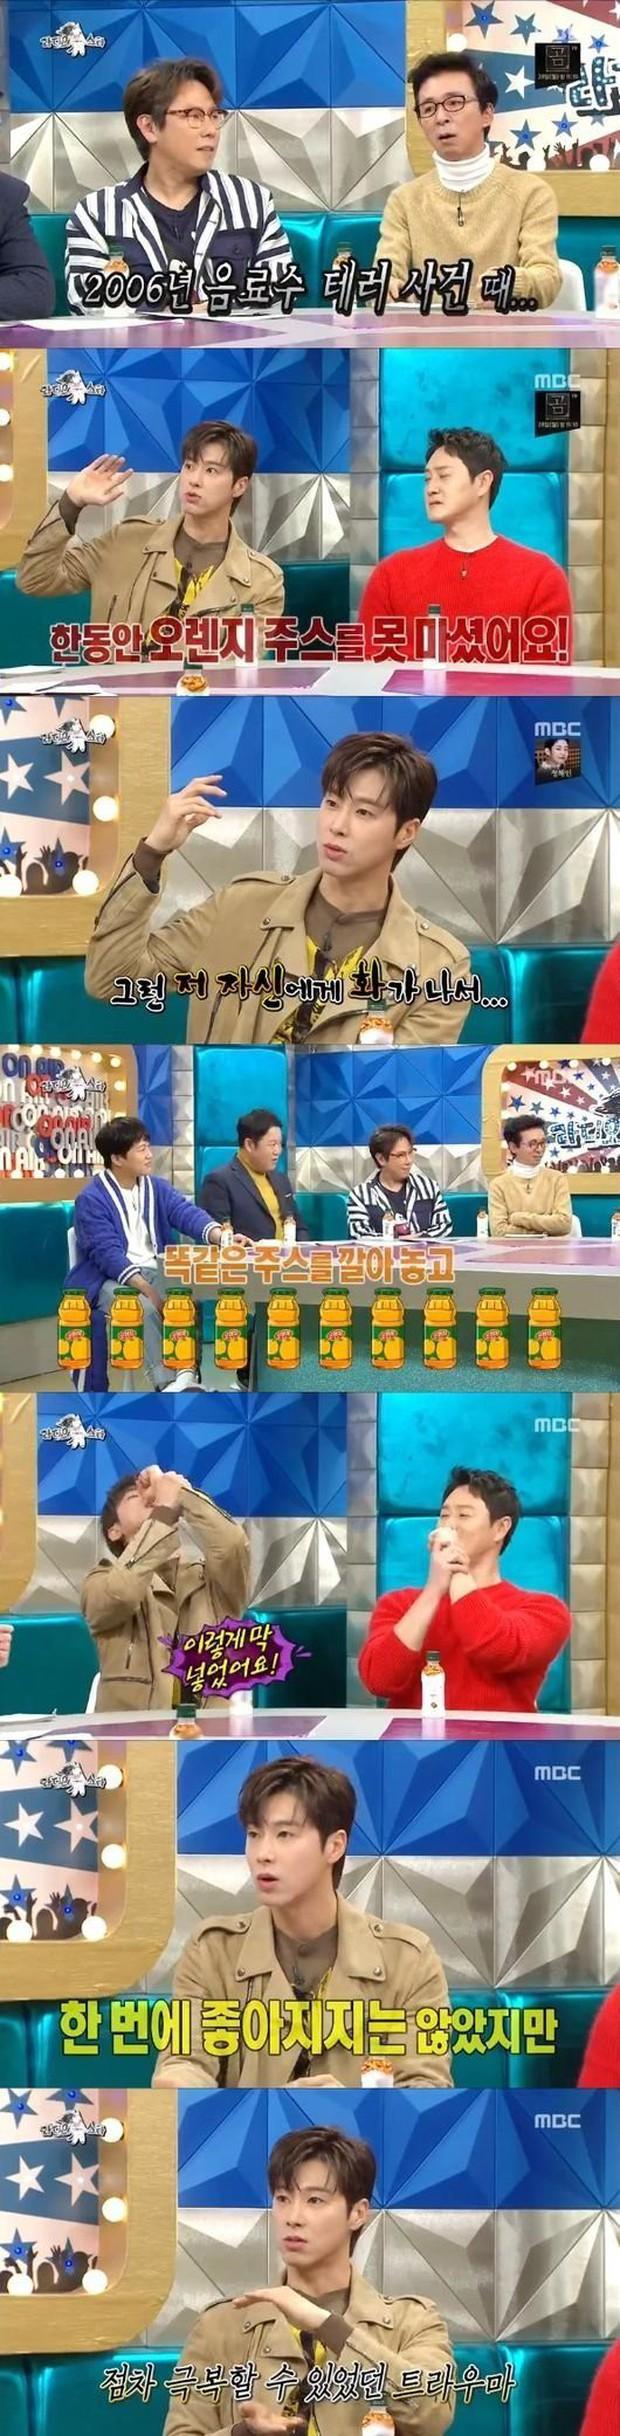 Yunho (DBSK) đã vượt qua nỗi ám ảnh với nước cam sau khi bị đầu độc vào năm 2006 như thế nào? - Ảnh 2.